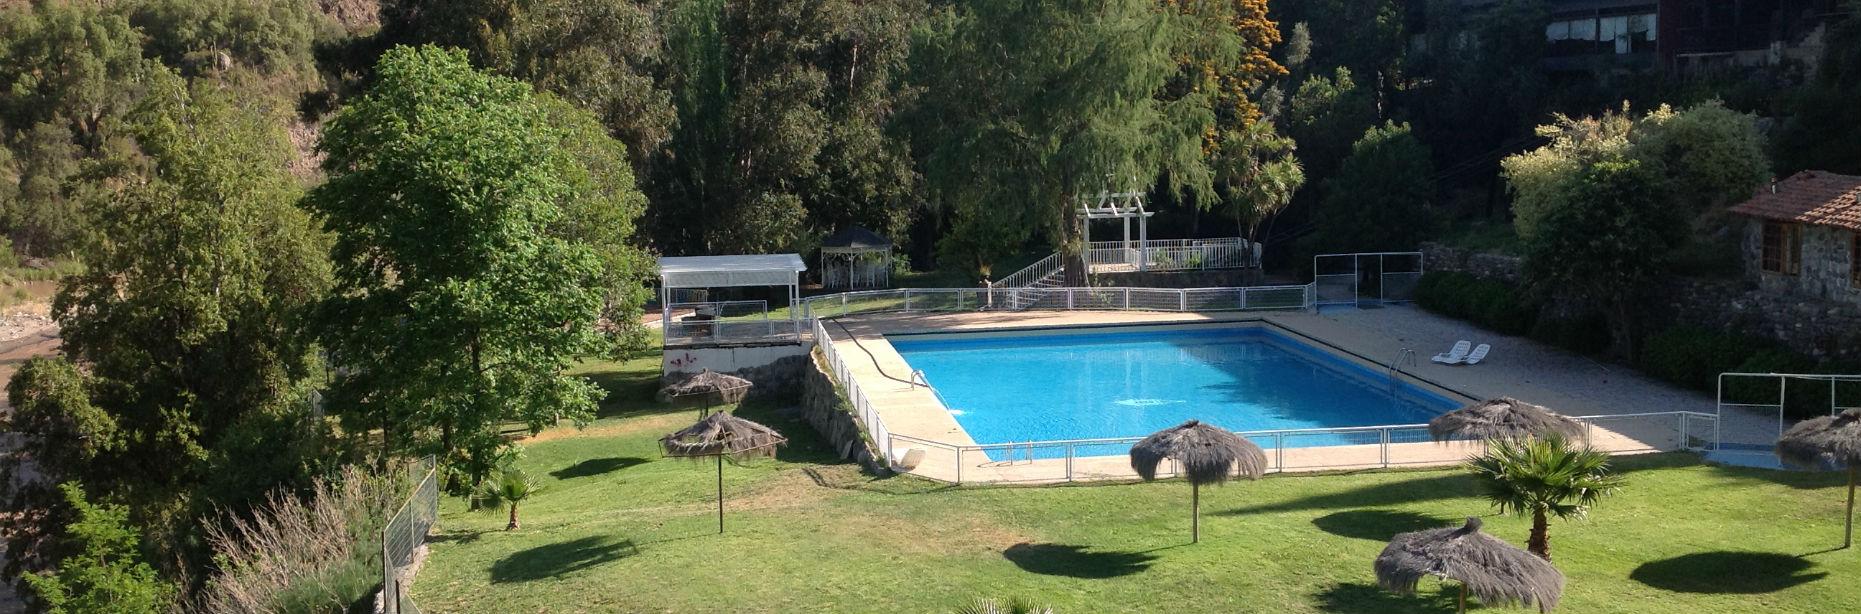 casona_piscina01